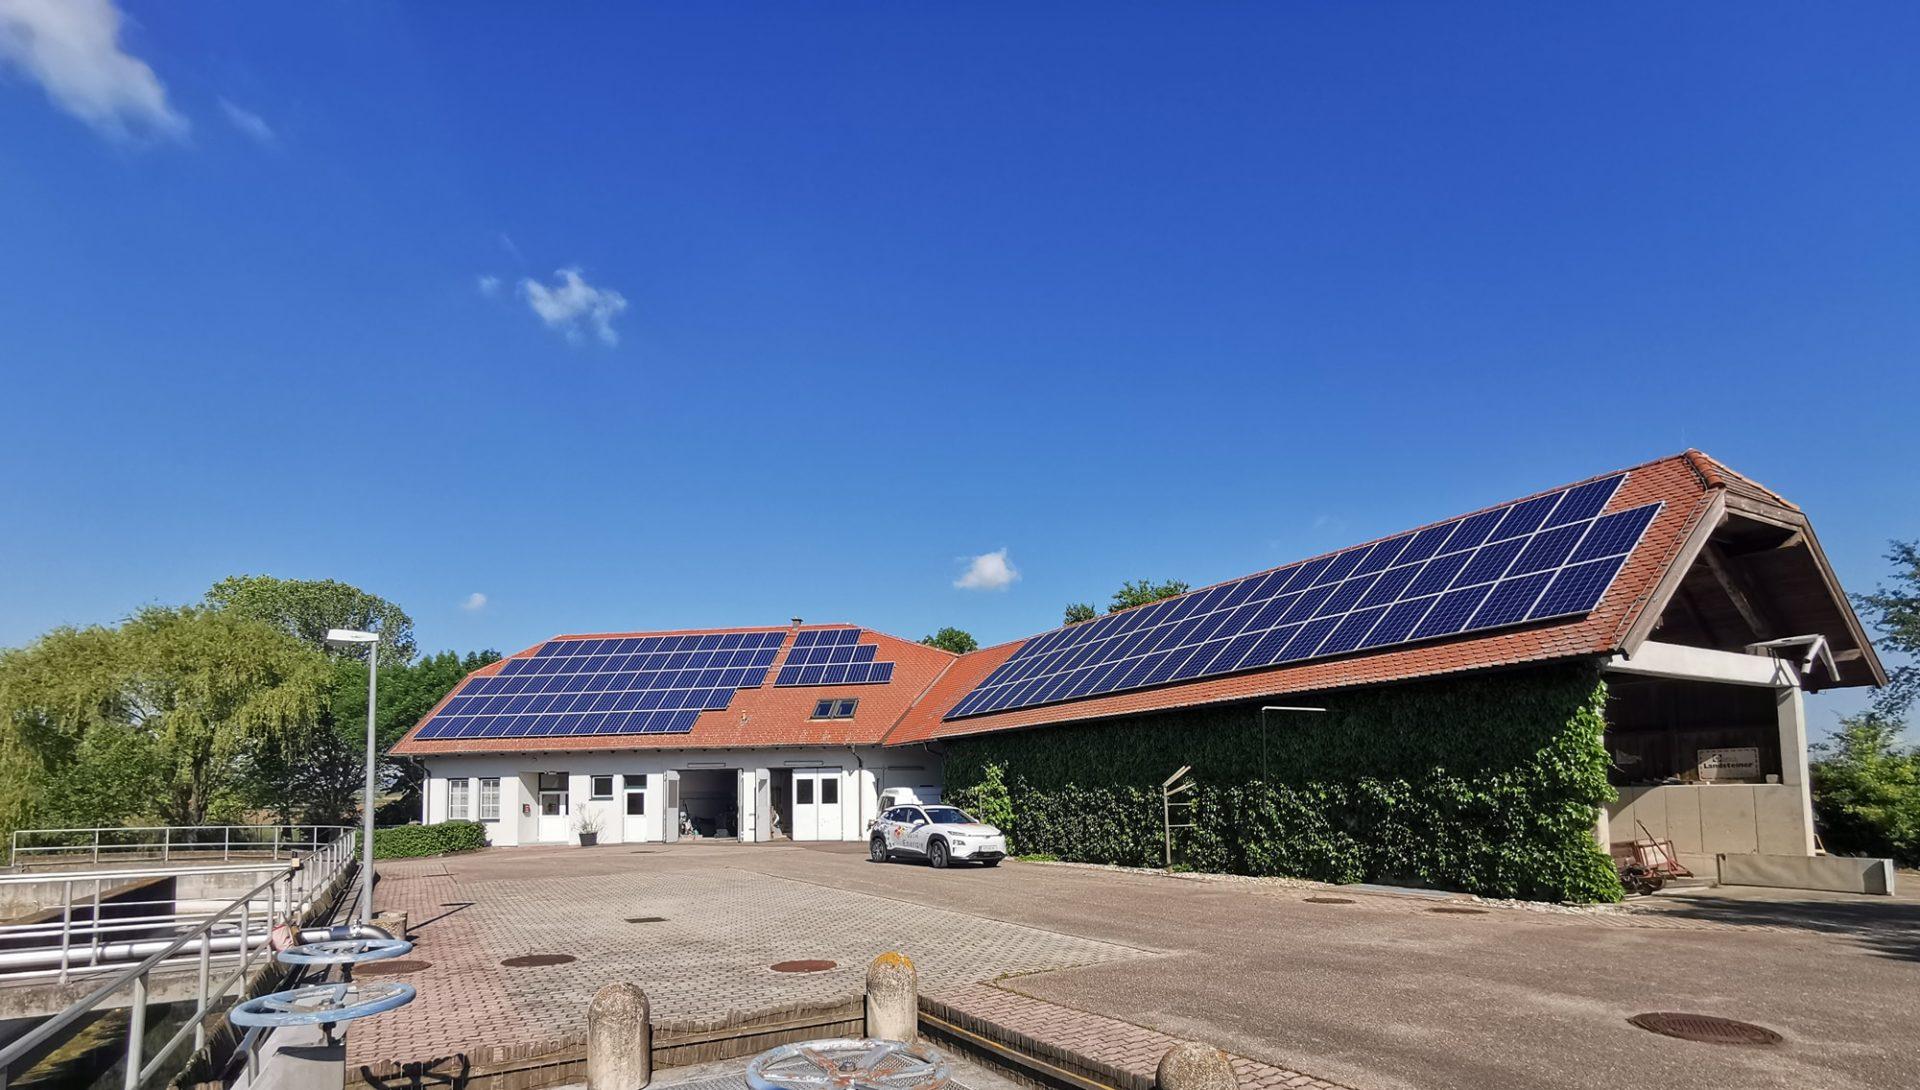 Kläranlage Photovoltaik